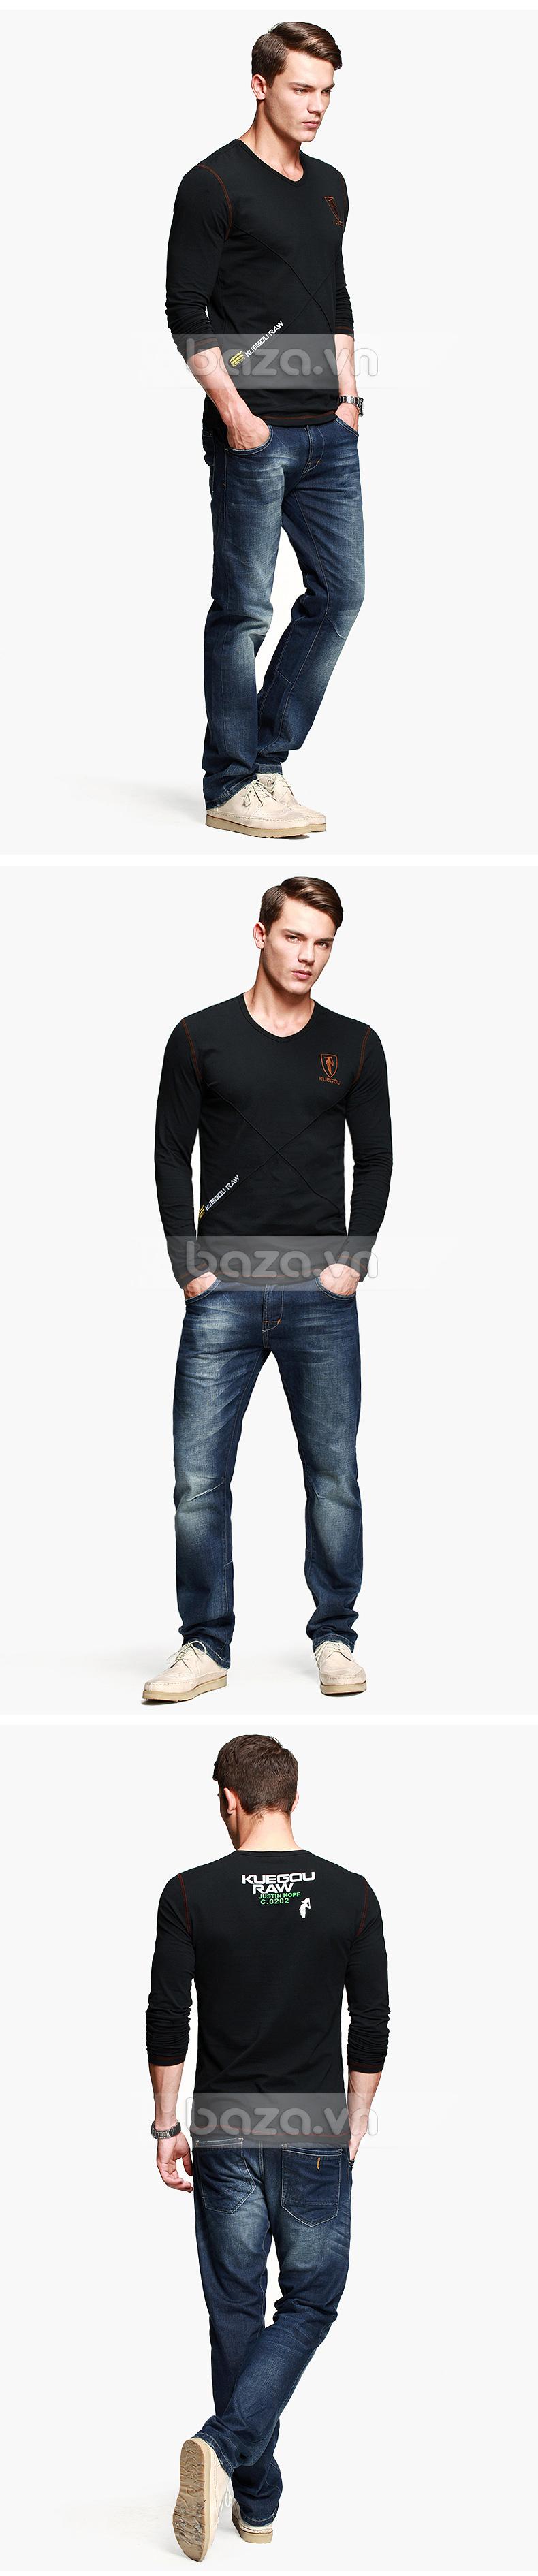 Baza.vn:  Áo thu đông nam K-Jeans KT-8812  chất lượng bền bỉ